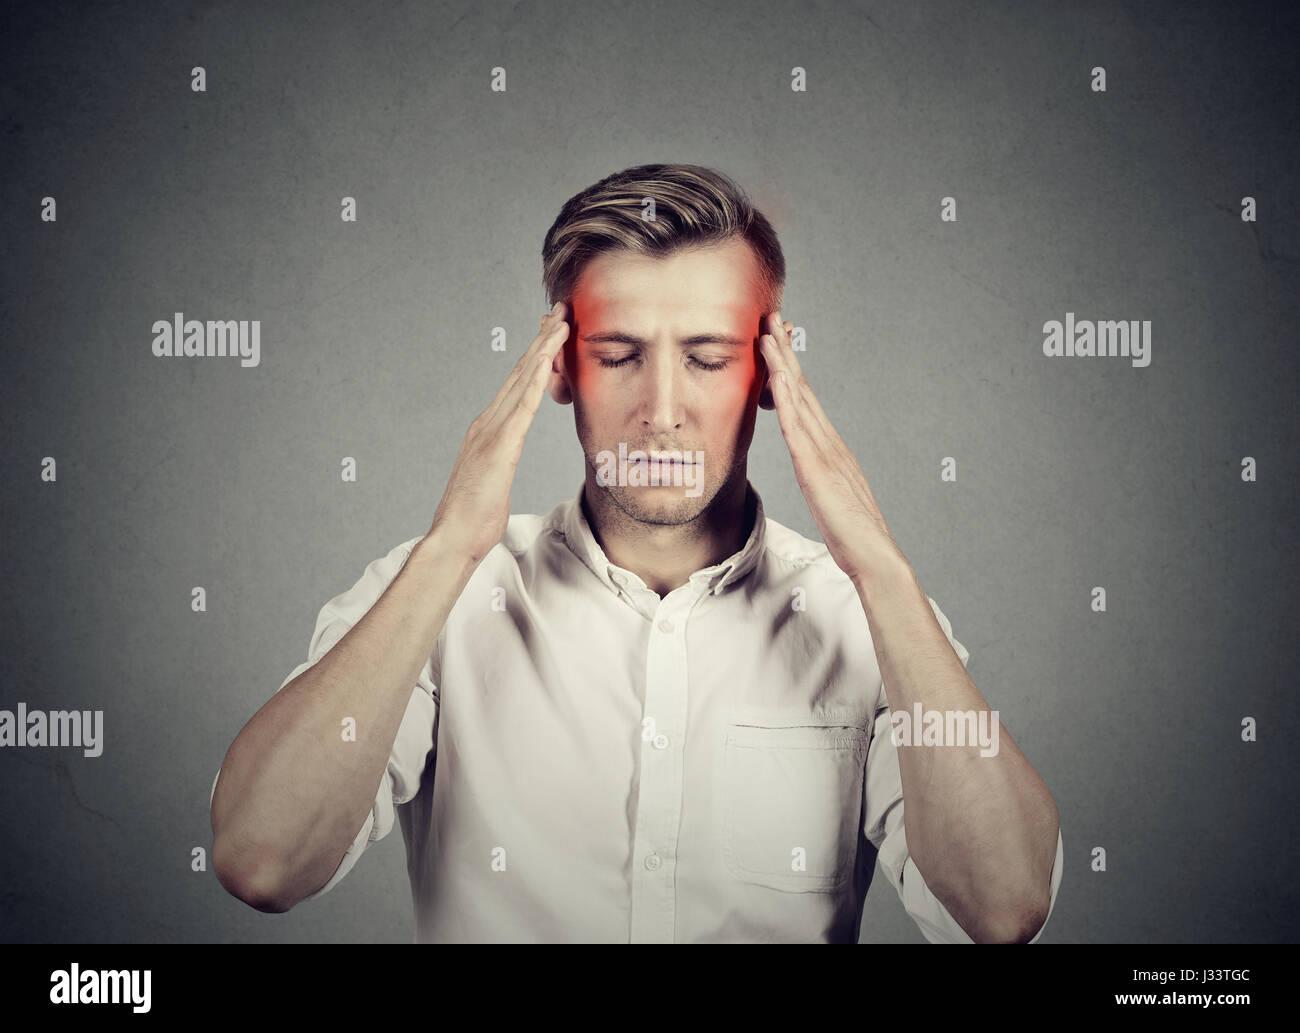 Mann mit Kopfschmerzen denken sehr stark konzentriert isoliert auf graue Wand Hintergrund Stockbild